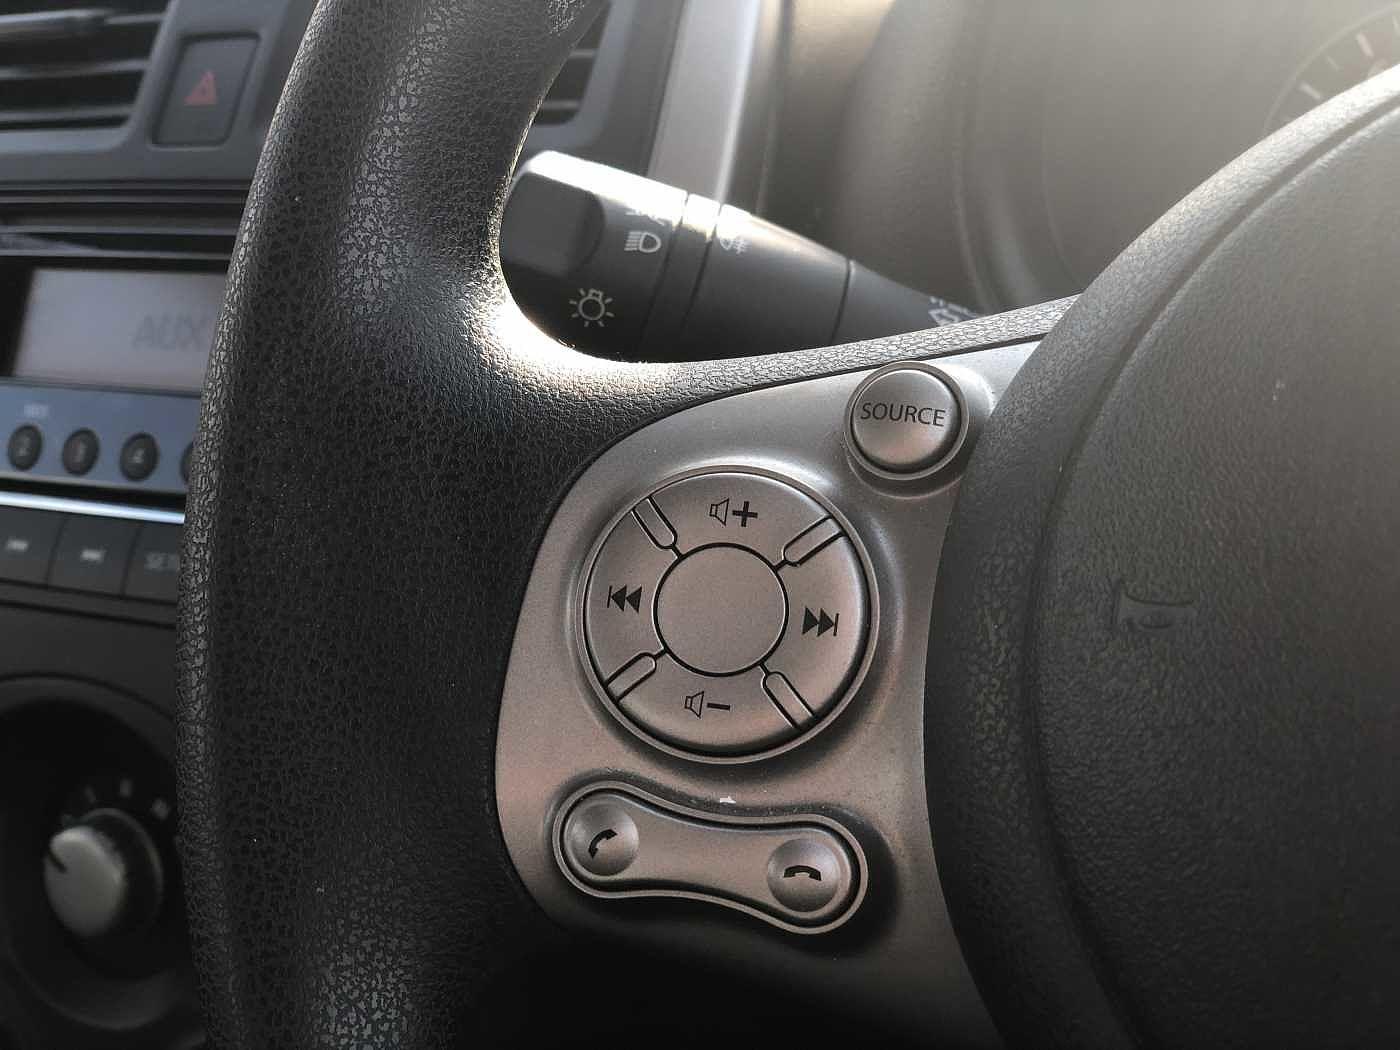 Nissan Micra 1.2 [80] Visia 5dr Hatchback